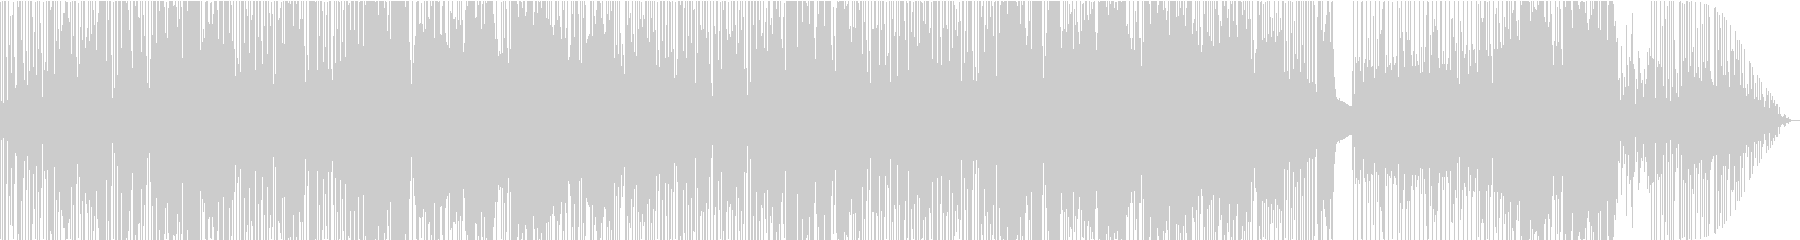 本物のホーンセクションとグルーヴィ...の未再生の波形